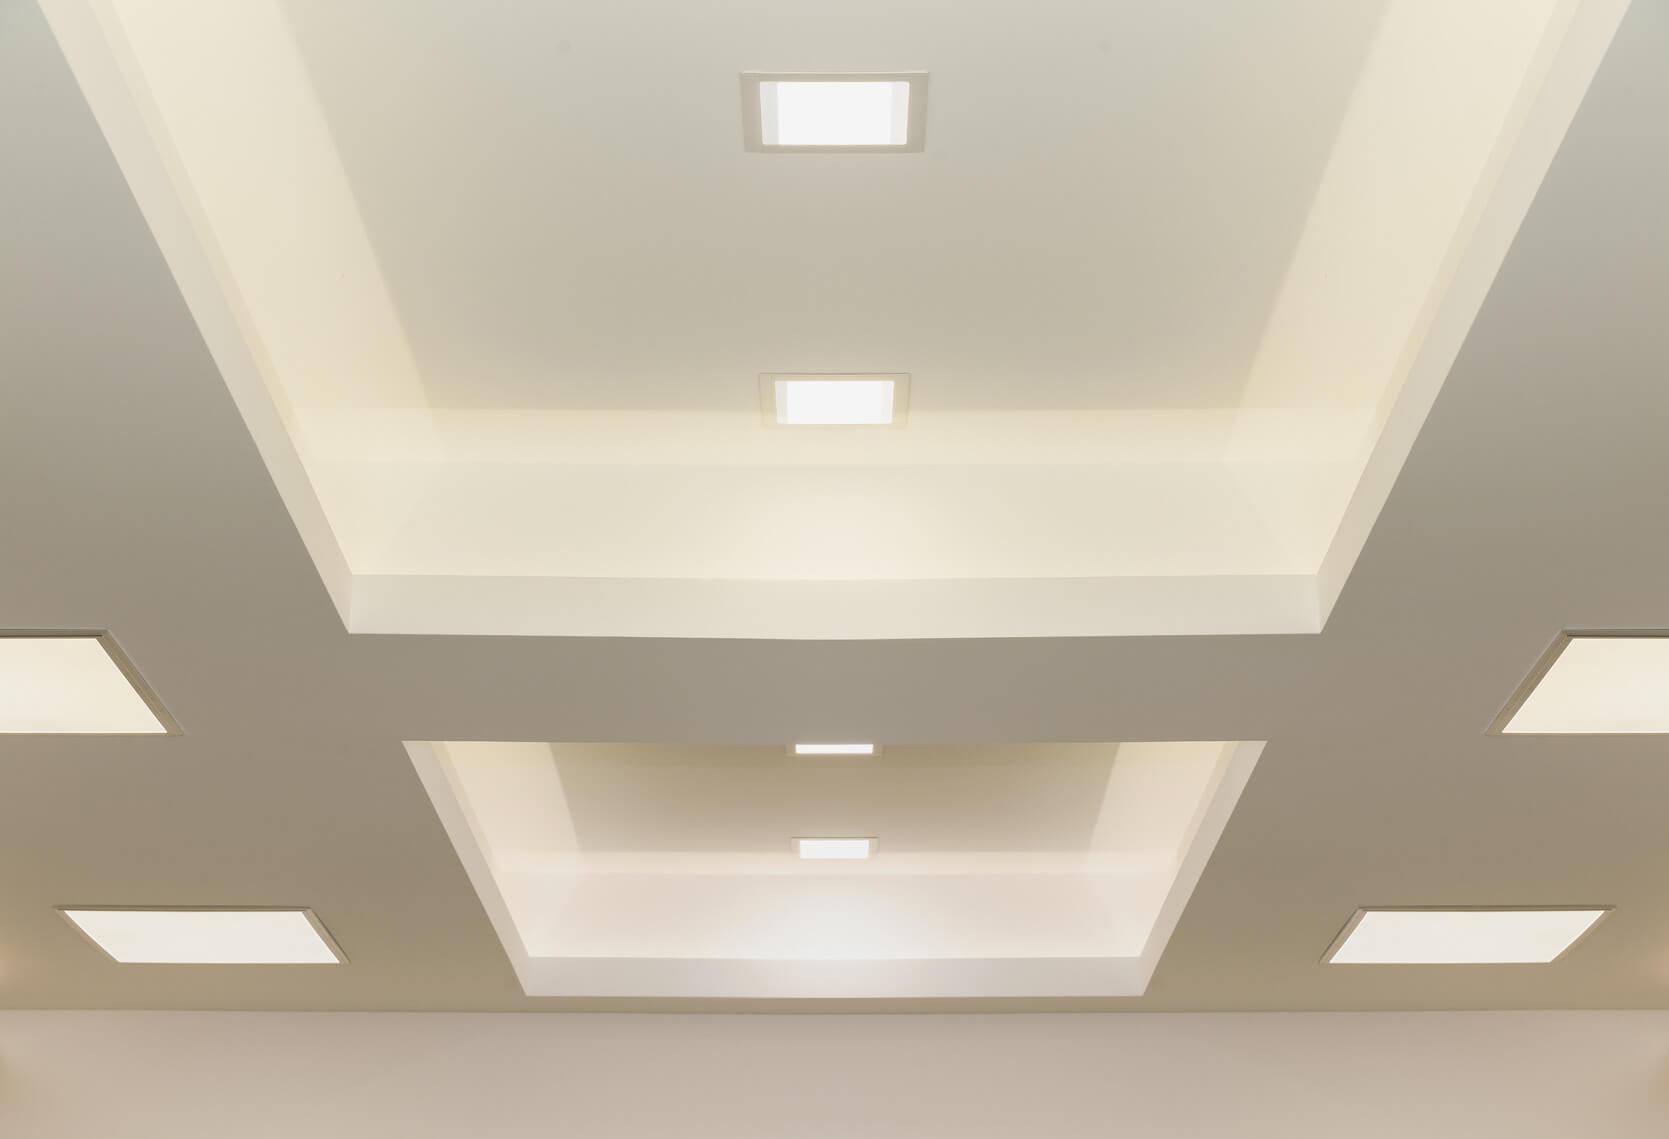 Full Size of Indirekte Beleuchtung Decke Led Deckenleuchte Schlafzimmer Spiegelschrank Bad Mit Und Steckdose Deckenlampe Esstisch Wohnzimmer Deckenlampen Badezimmer Wohnzimmer Indirekte Beleuchtung Decke